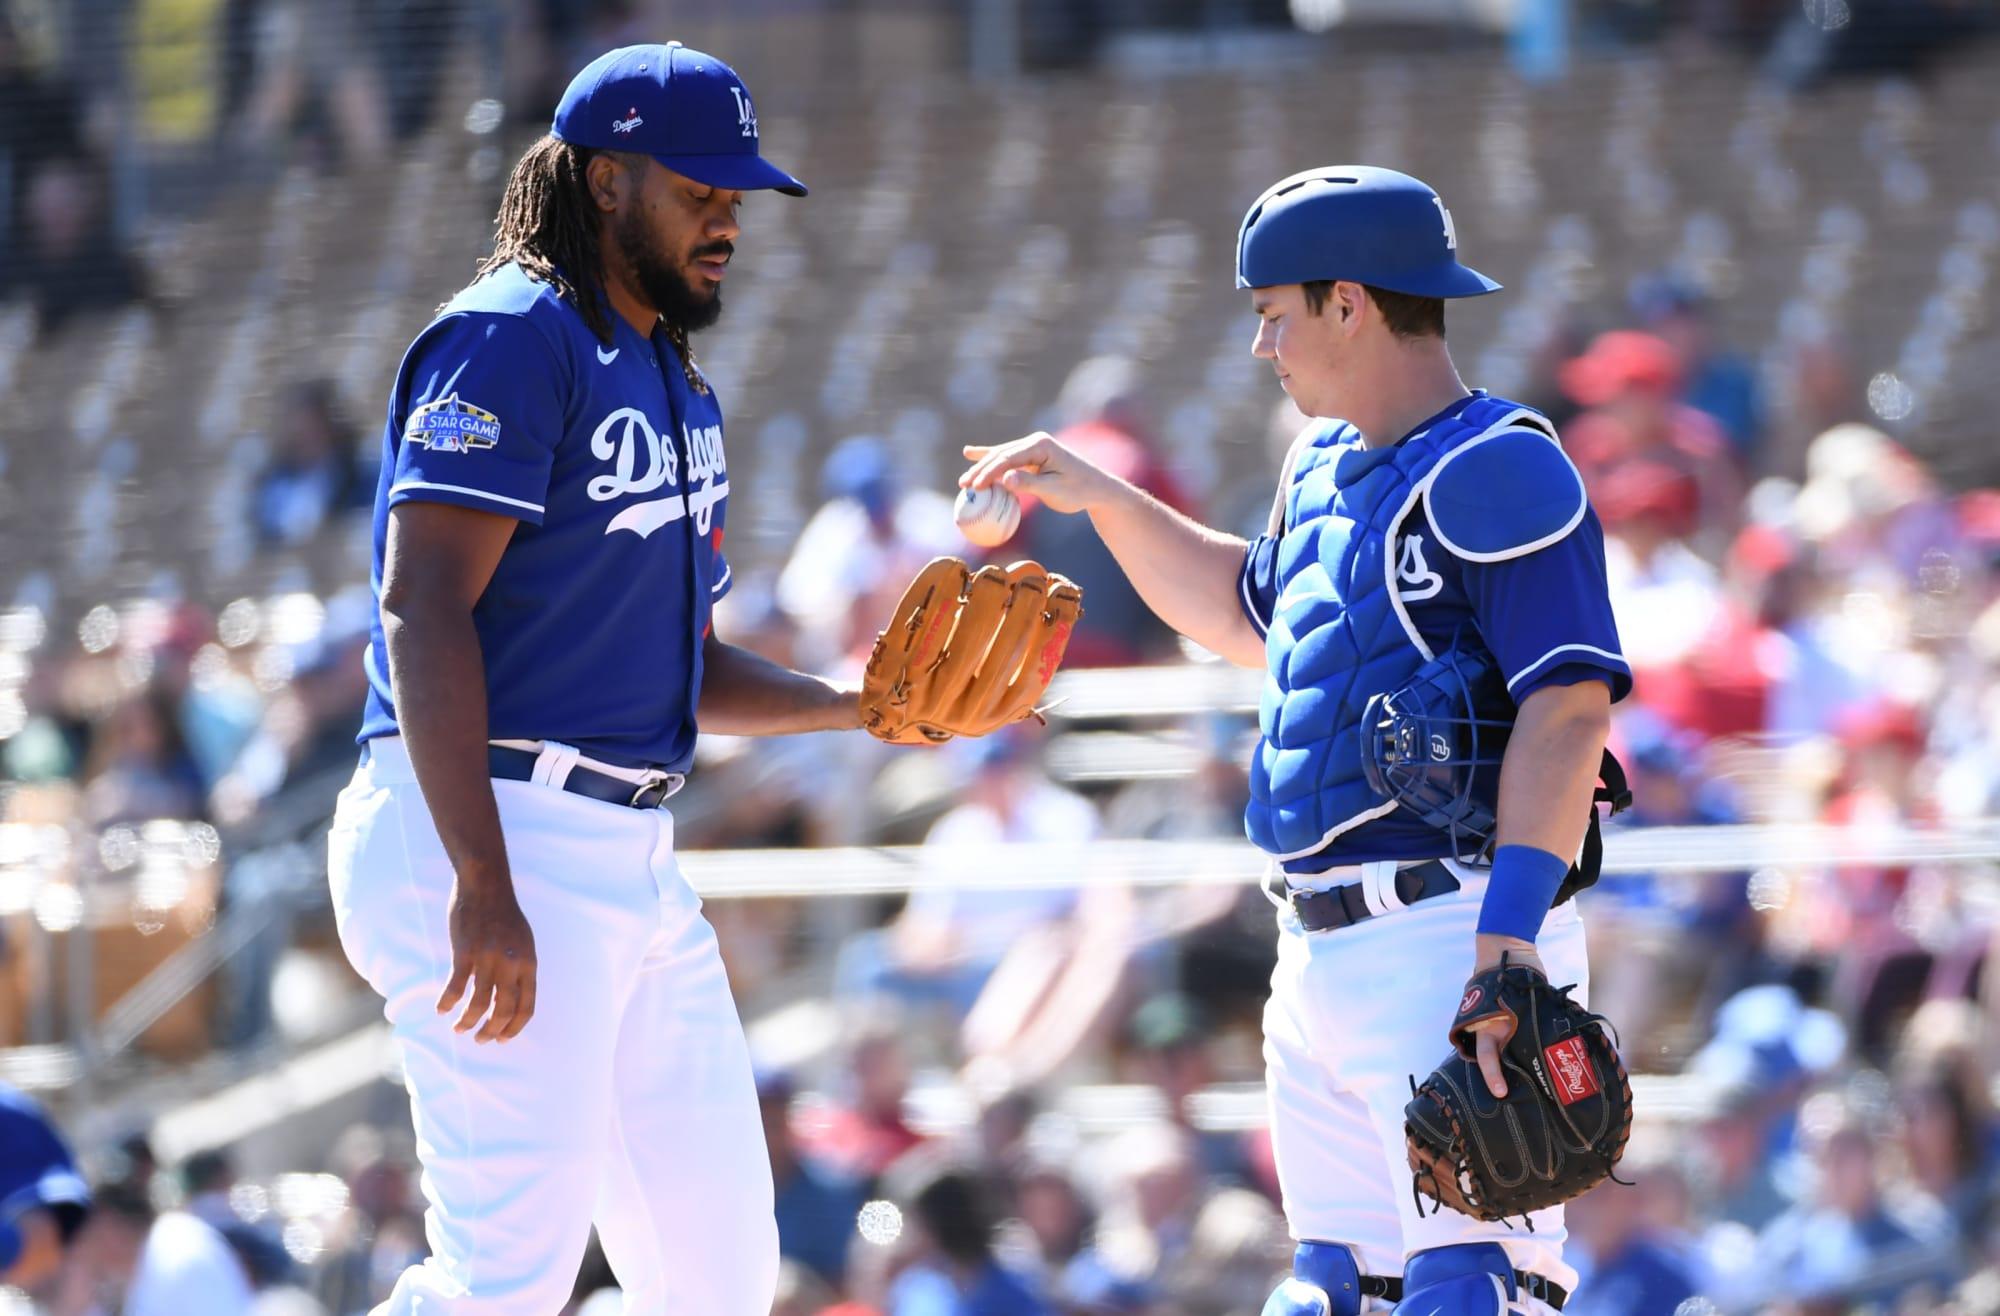 Dodgers Briefing: Several players missing, Muncy hurt, Kershaw gets opener